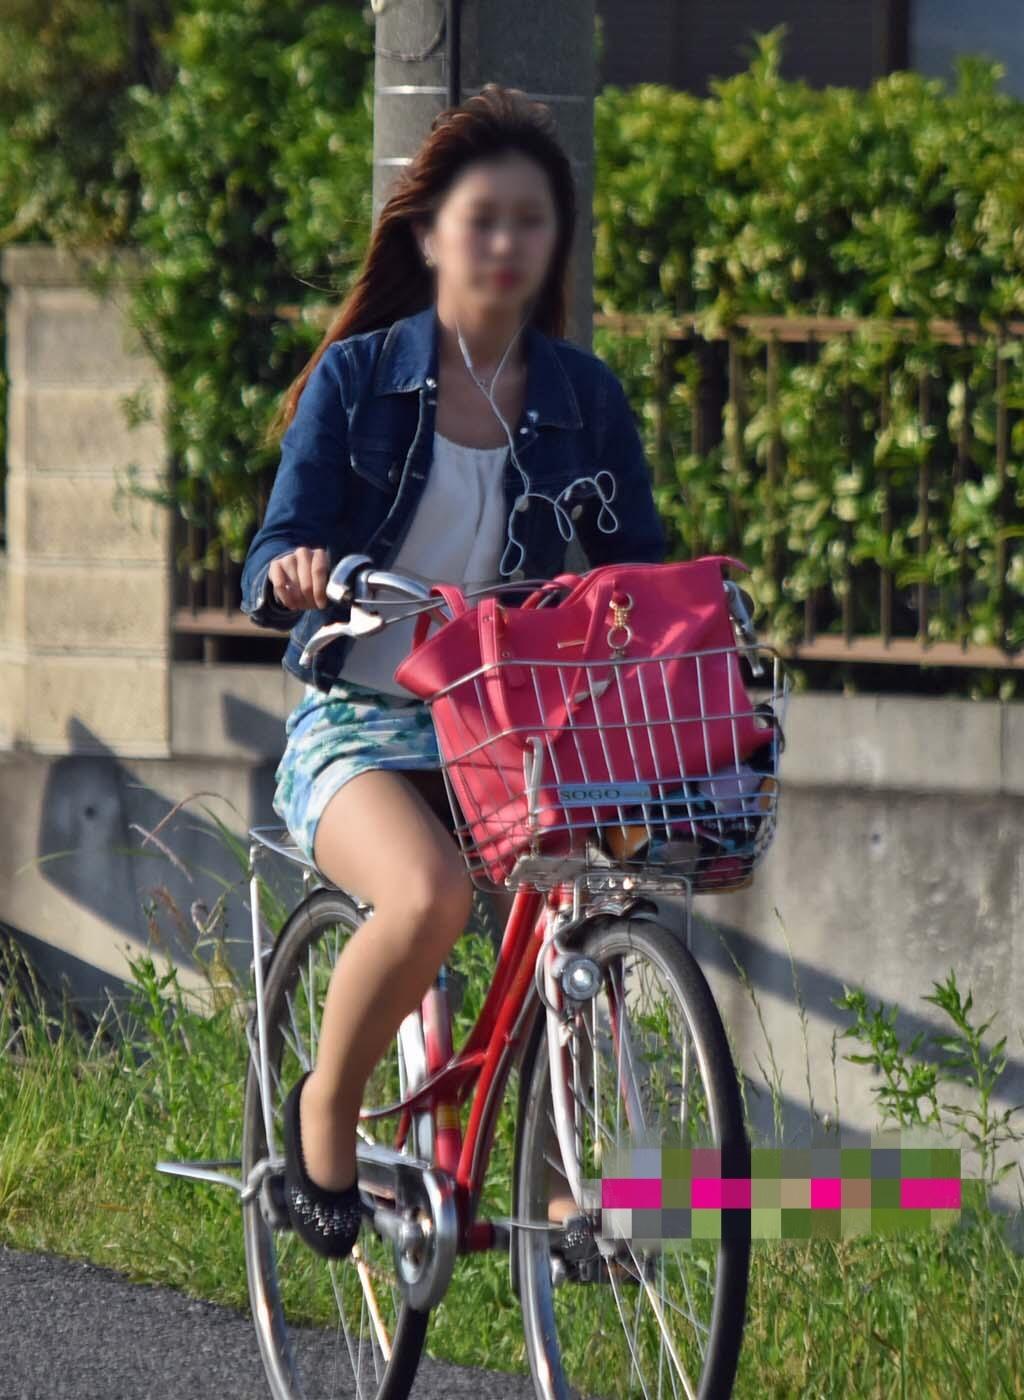 自転車に乗ってる素人さん達の無防備で躍動感のあるパンチラが堪らん